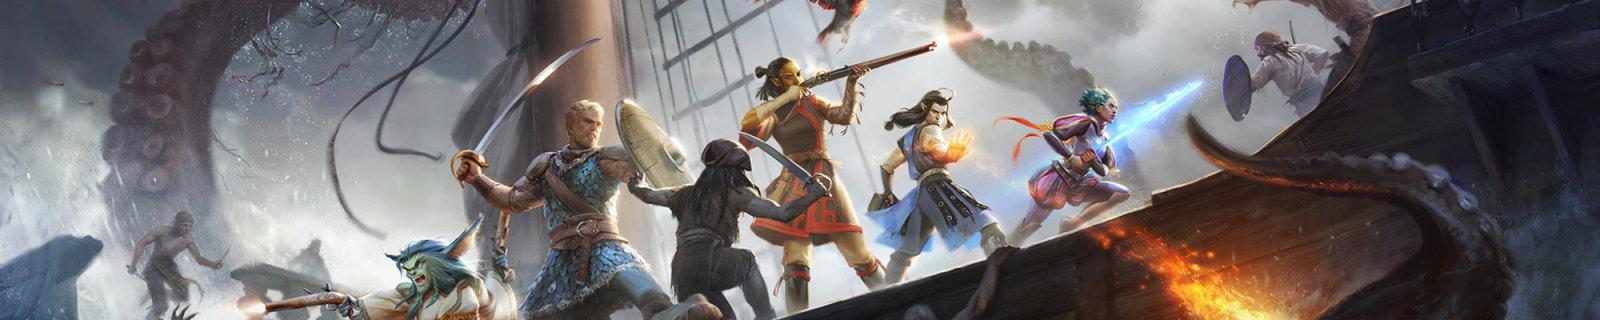 《永恒之柱2:亡焰》确认Xbox One、PS4和NS版本